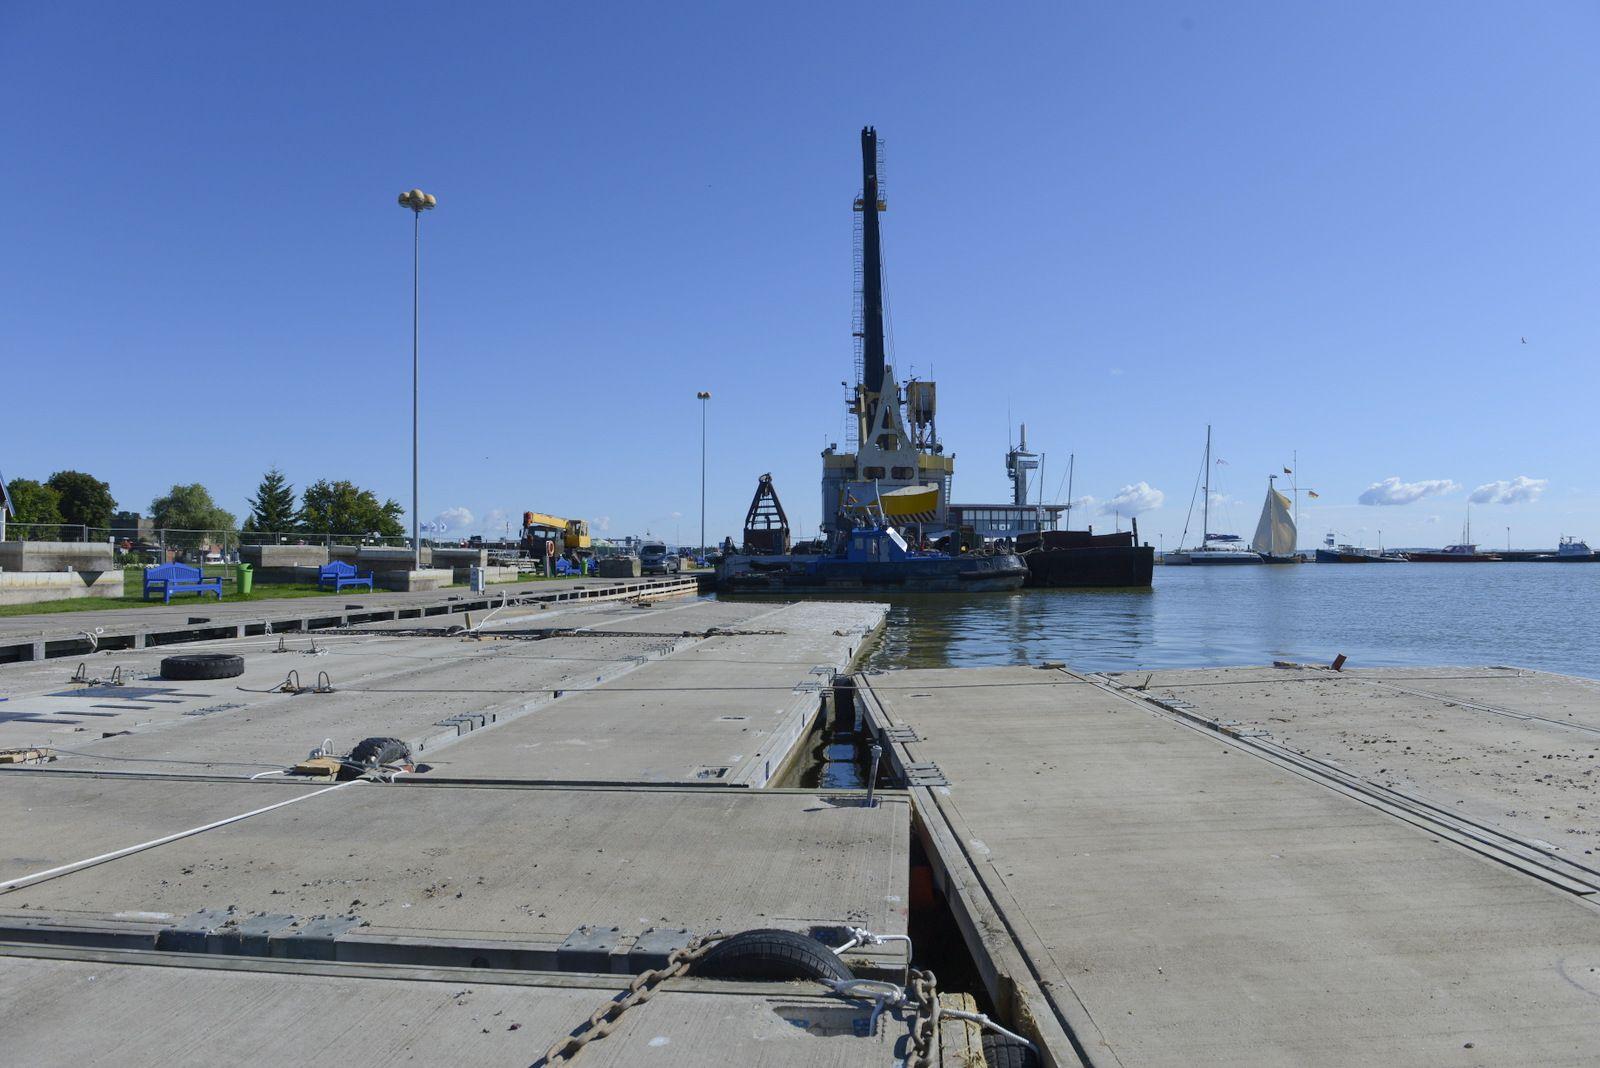 Nidos uoste pradėtos montuoti pontoninės prieplaukos